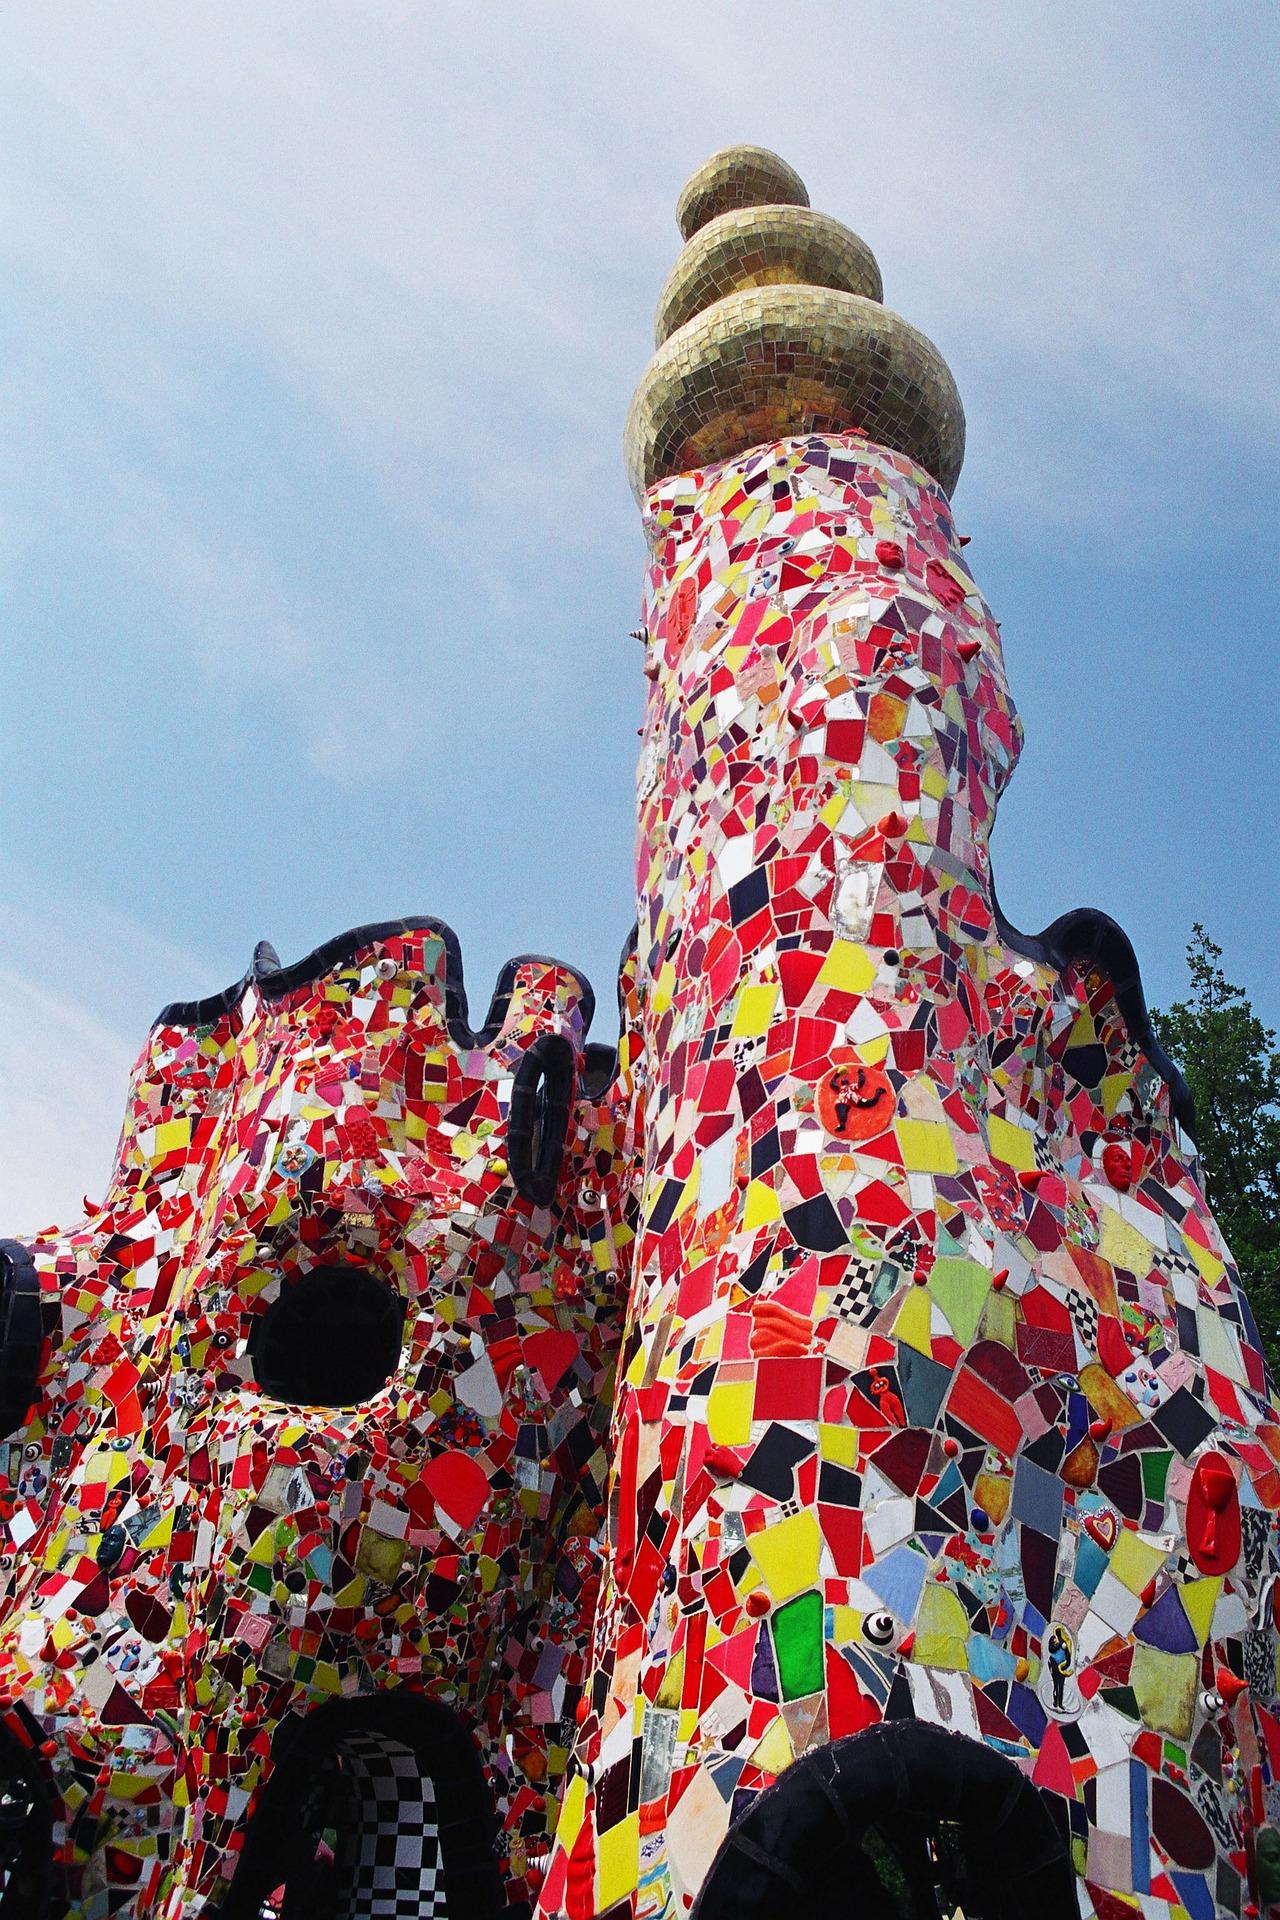 Niki de saint phalle photo